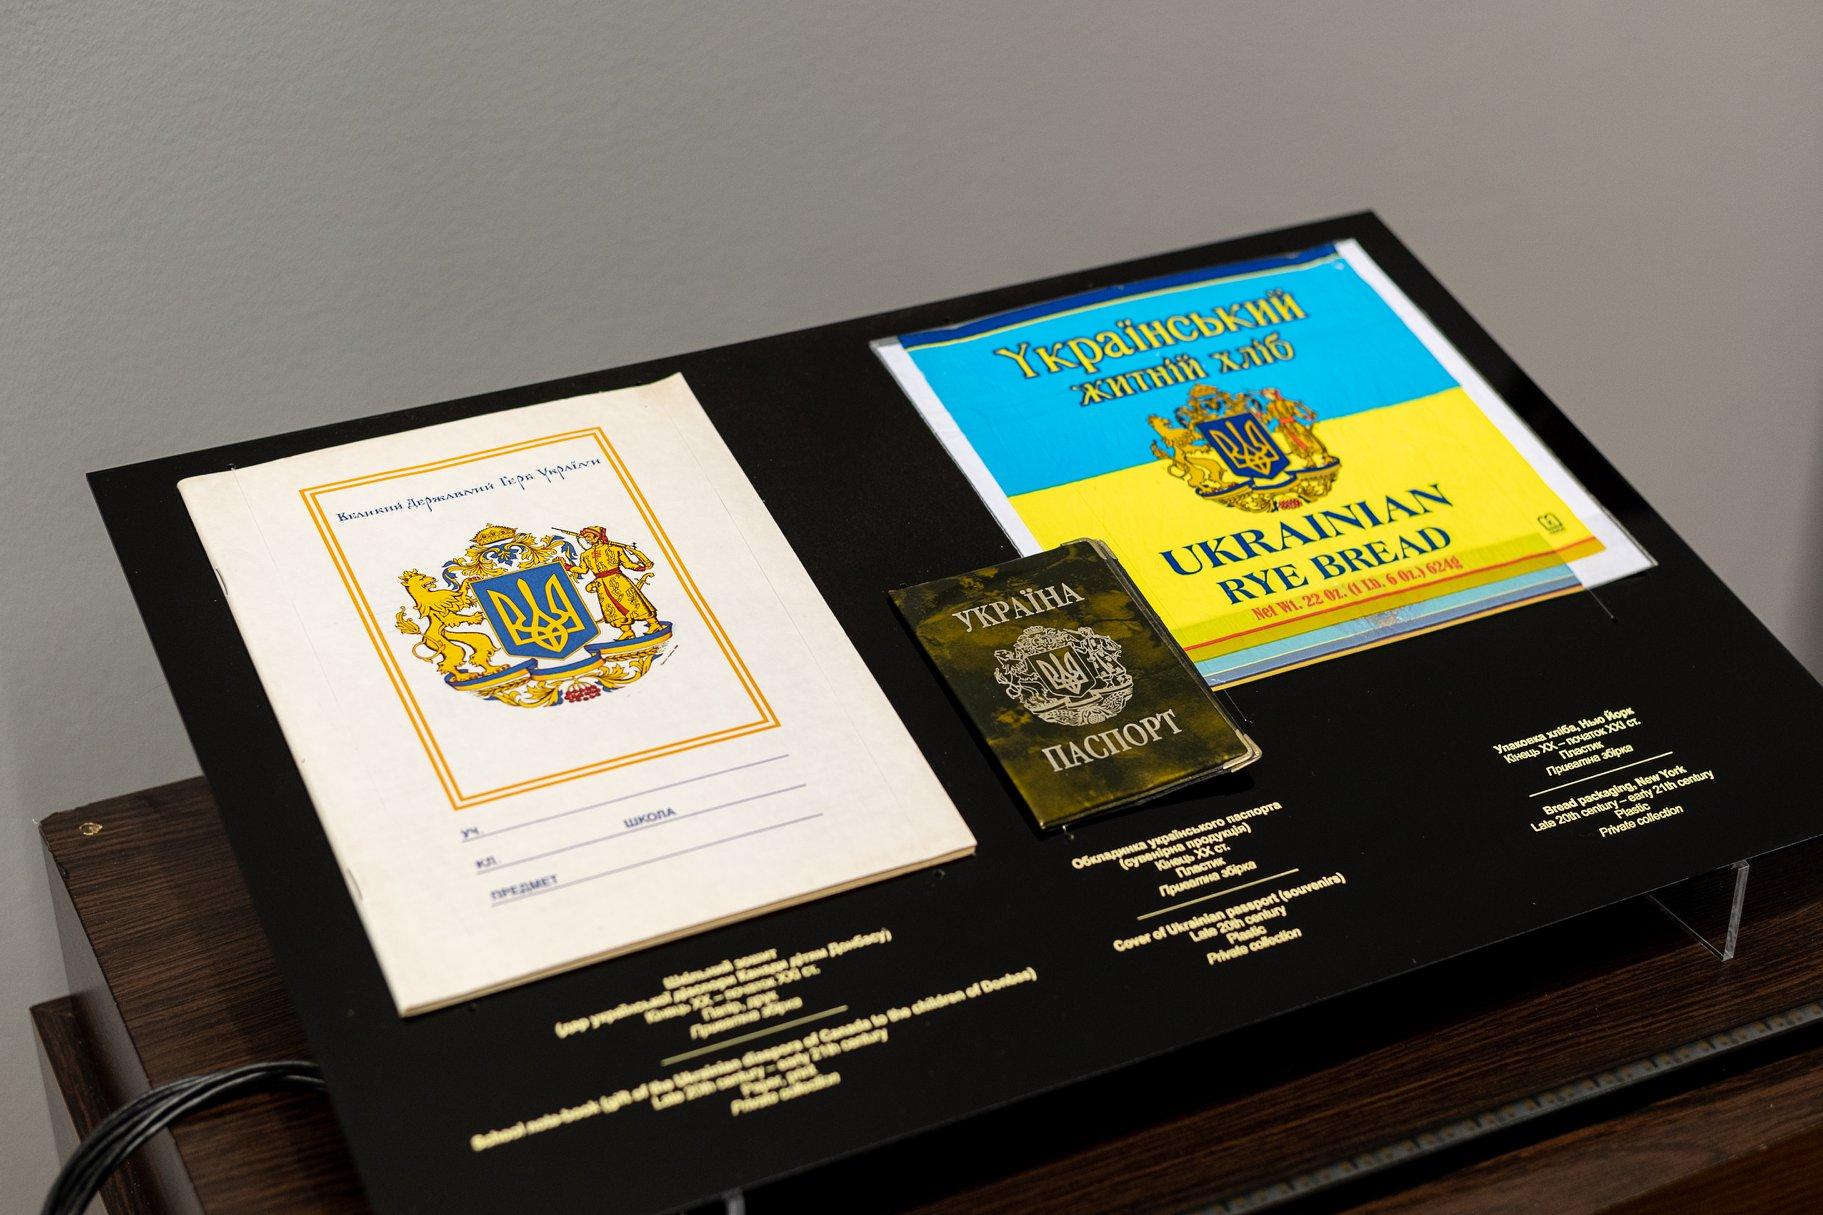 Столичний музей запрошує на виставку, присвячену українській геральдиці - музей, експозиція, виставка - 127189392 10157648064708144 2590643385825186860 o